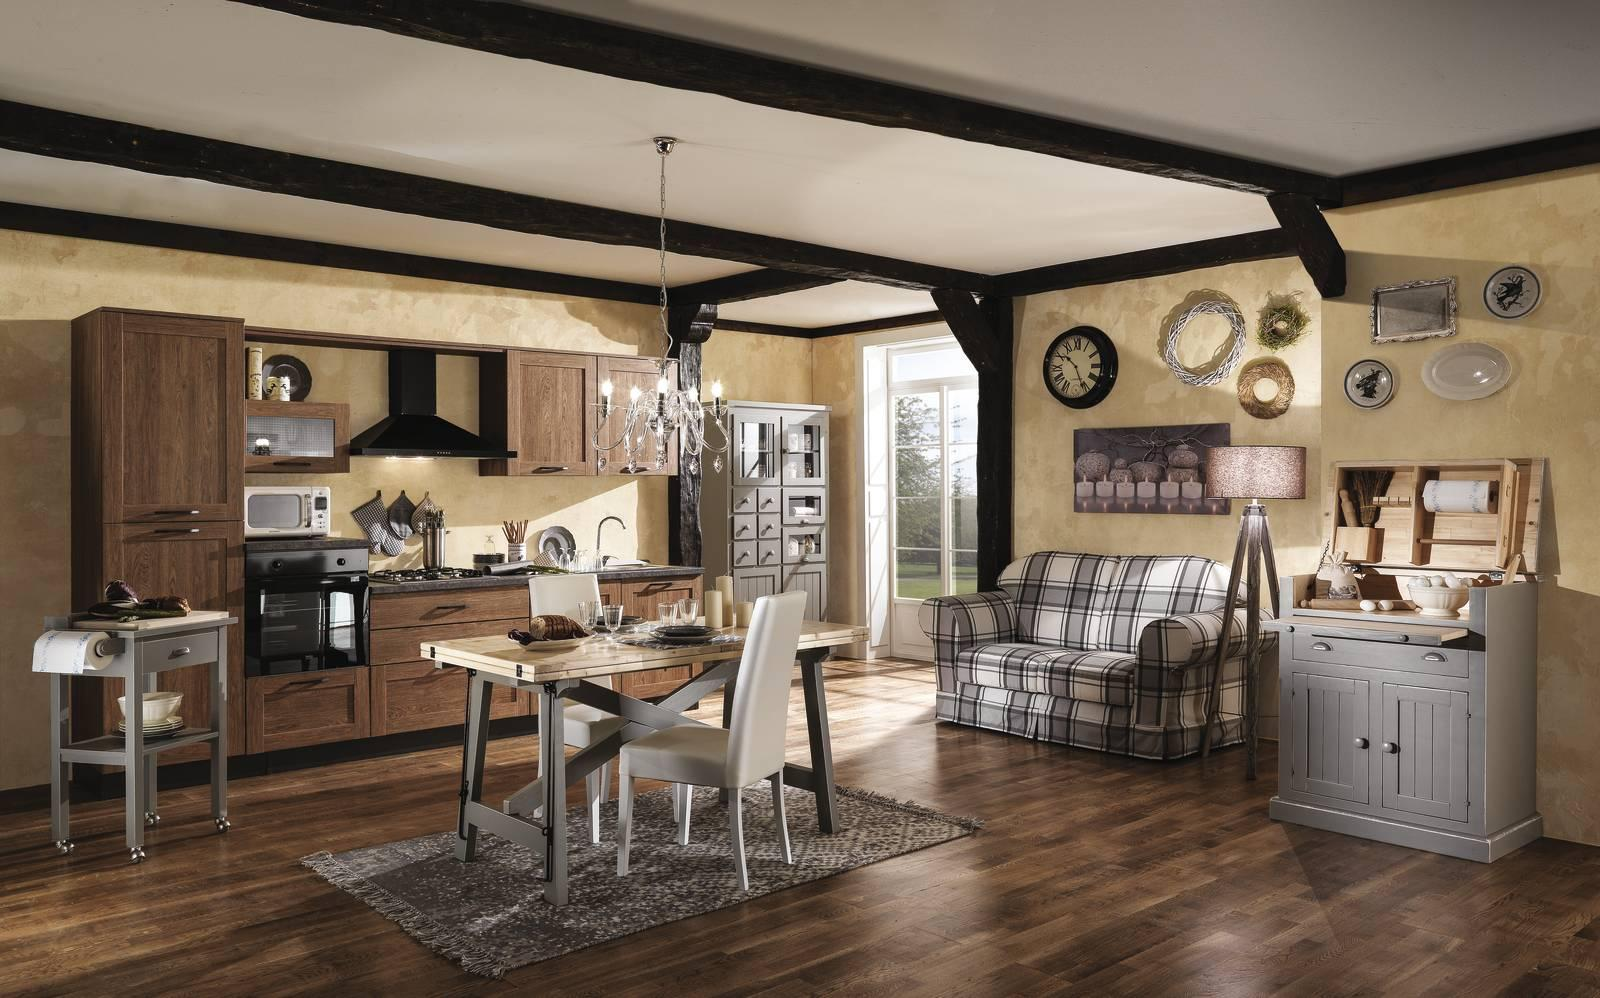 Casa in stile country protagonisti legno e materiali for Mobili zona giorno